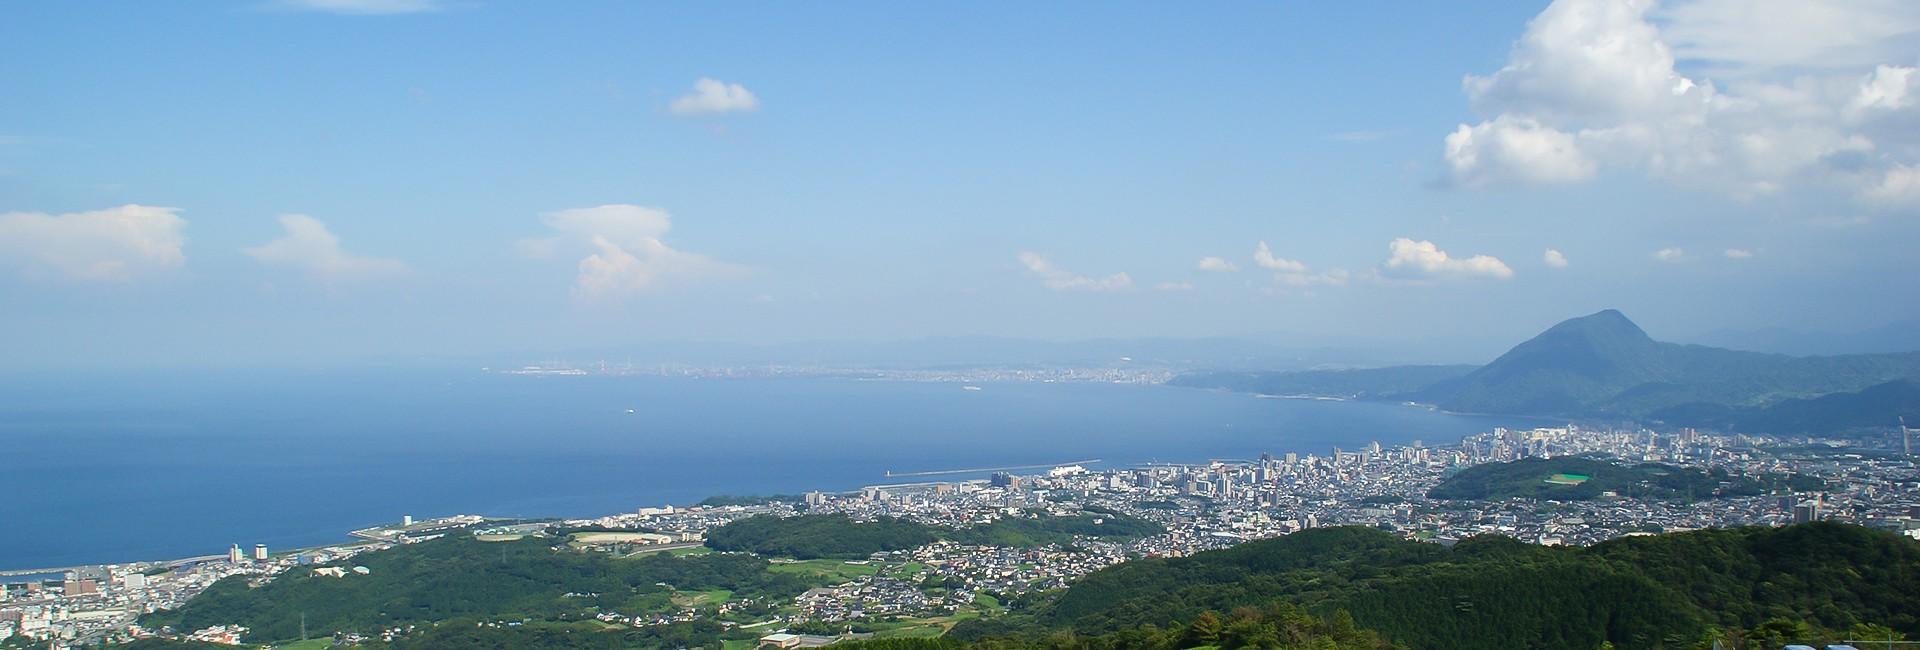 vue de Beppu au Japon